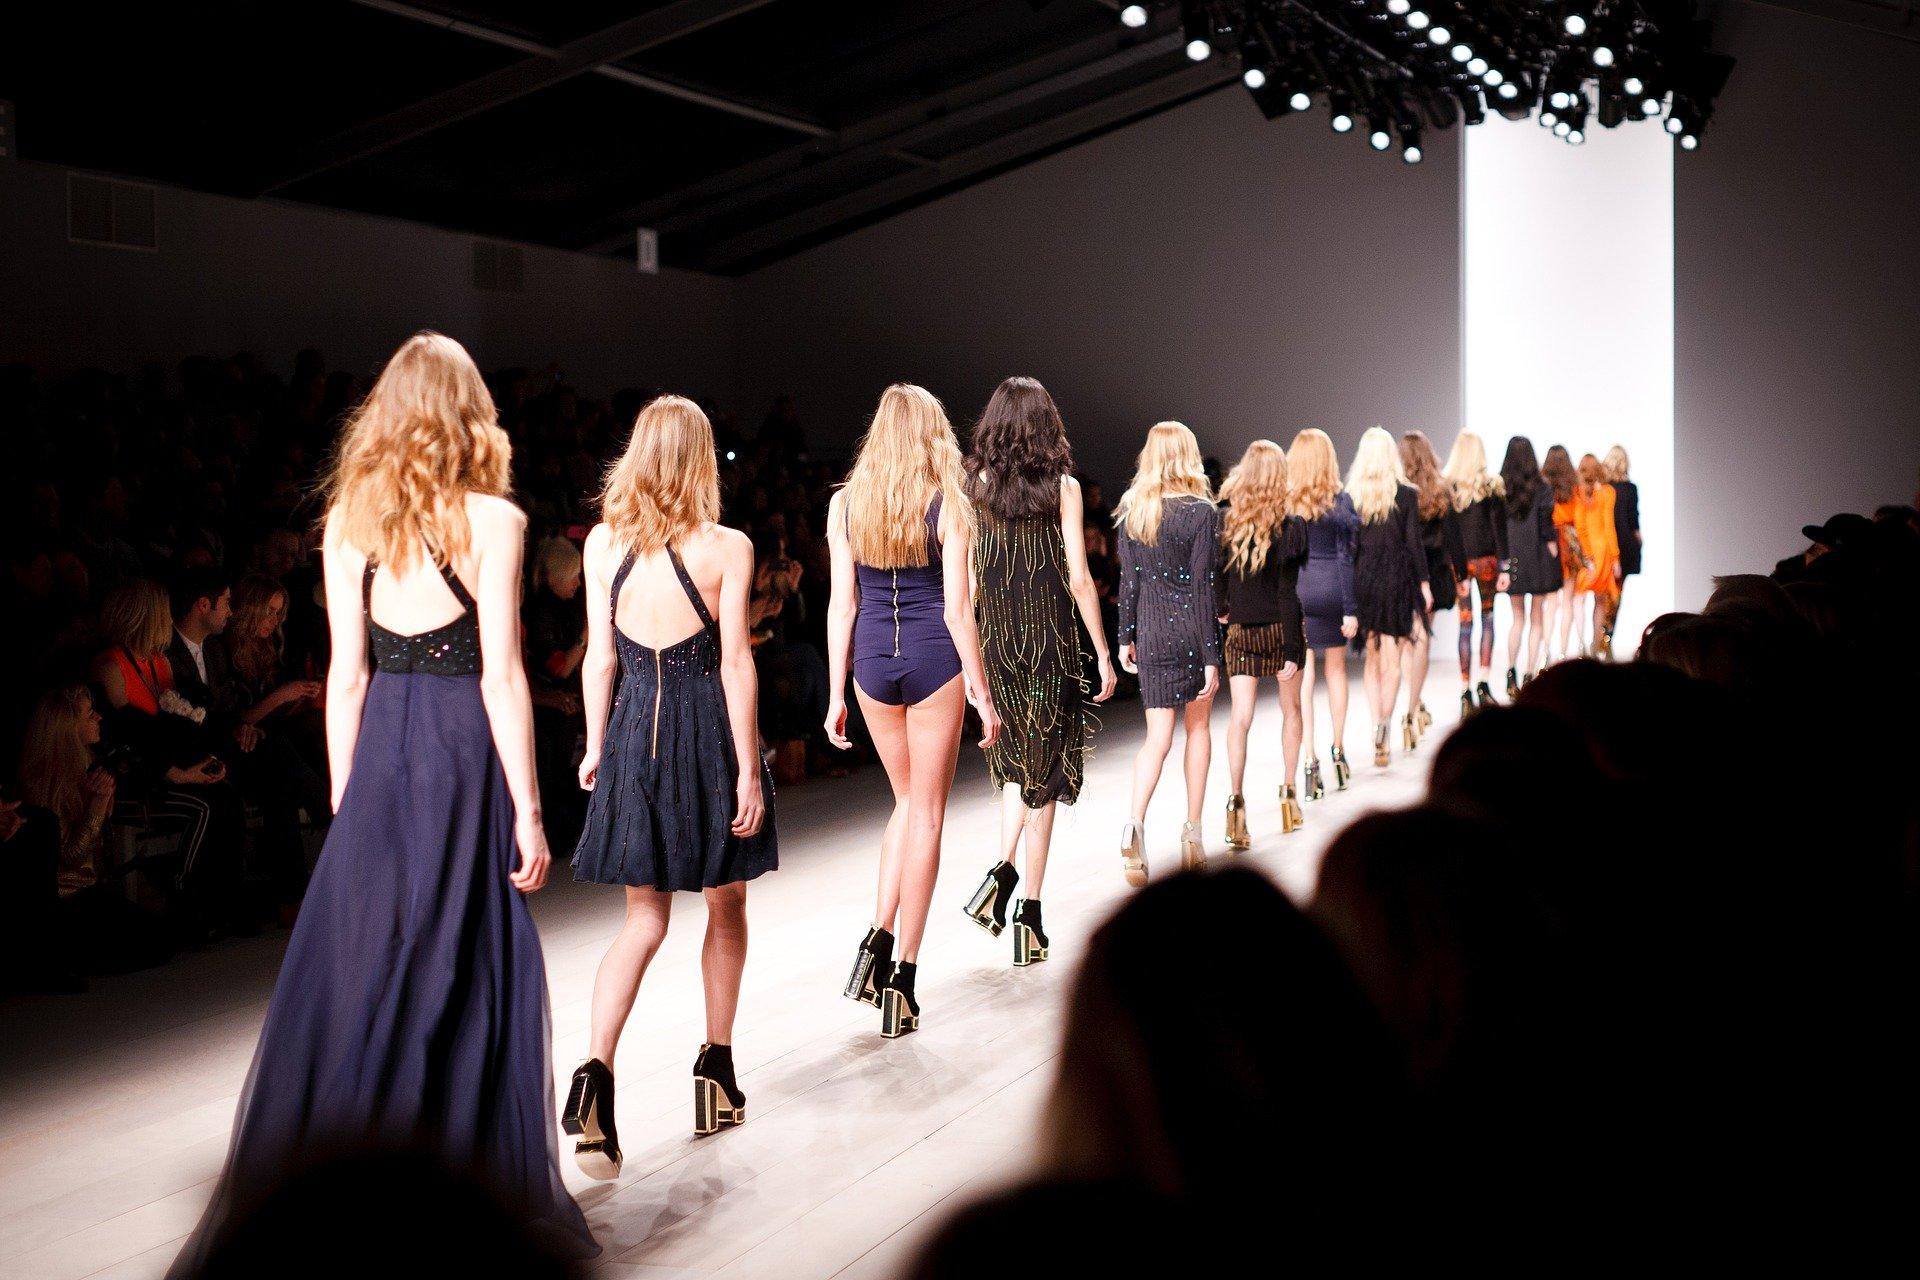 Modeschauen sind fester Bestandteil der wechselfreudigen Fashionwelt (Symbolbild). Quelle: Pixabay